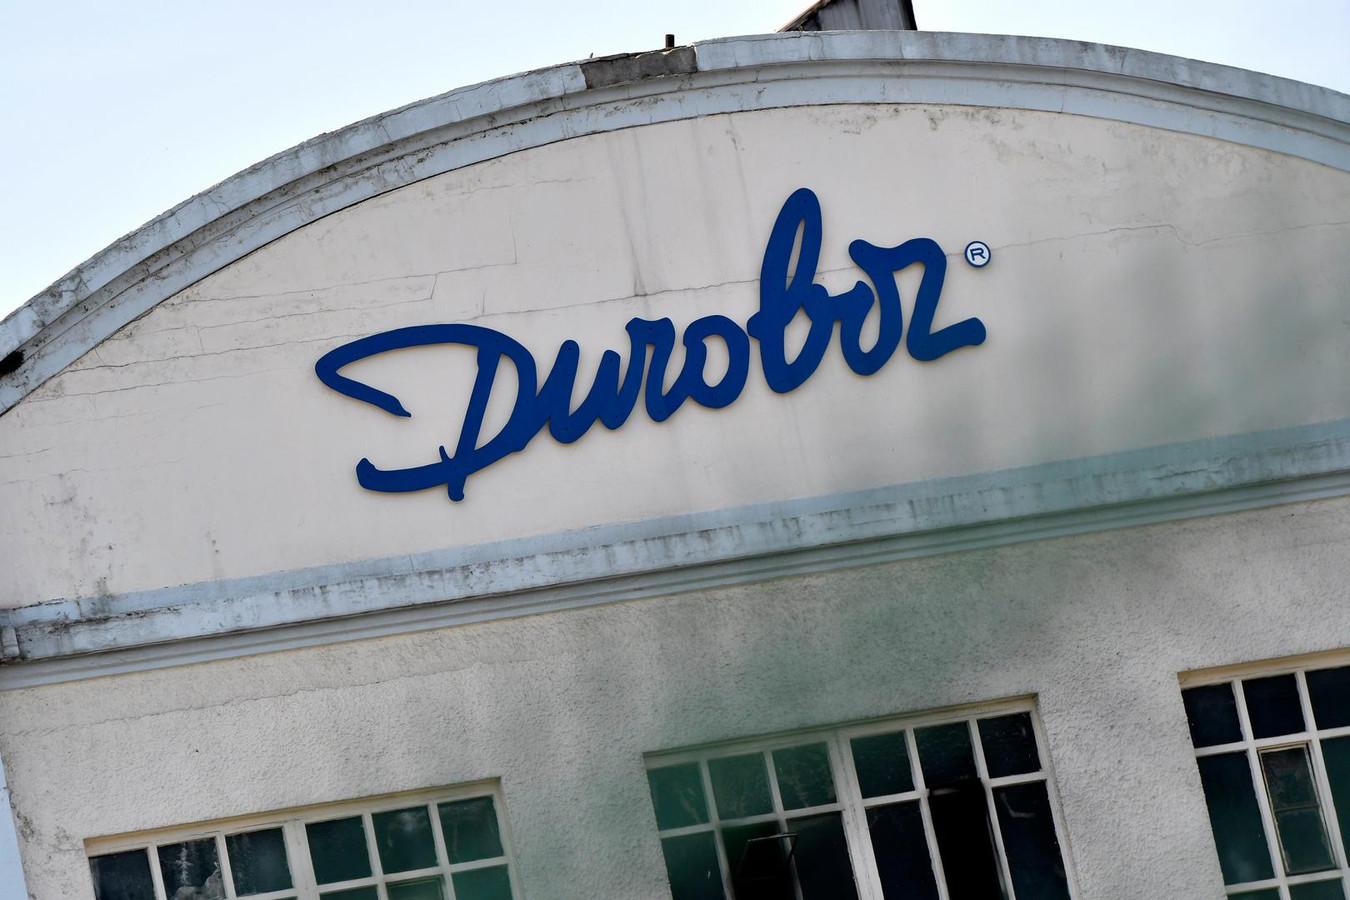 La gobeleterie Durobor à Soignies.